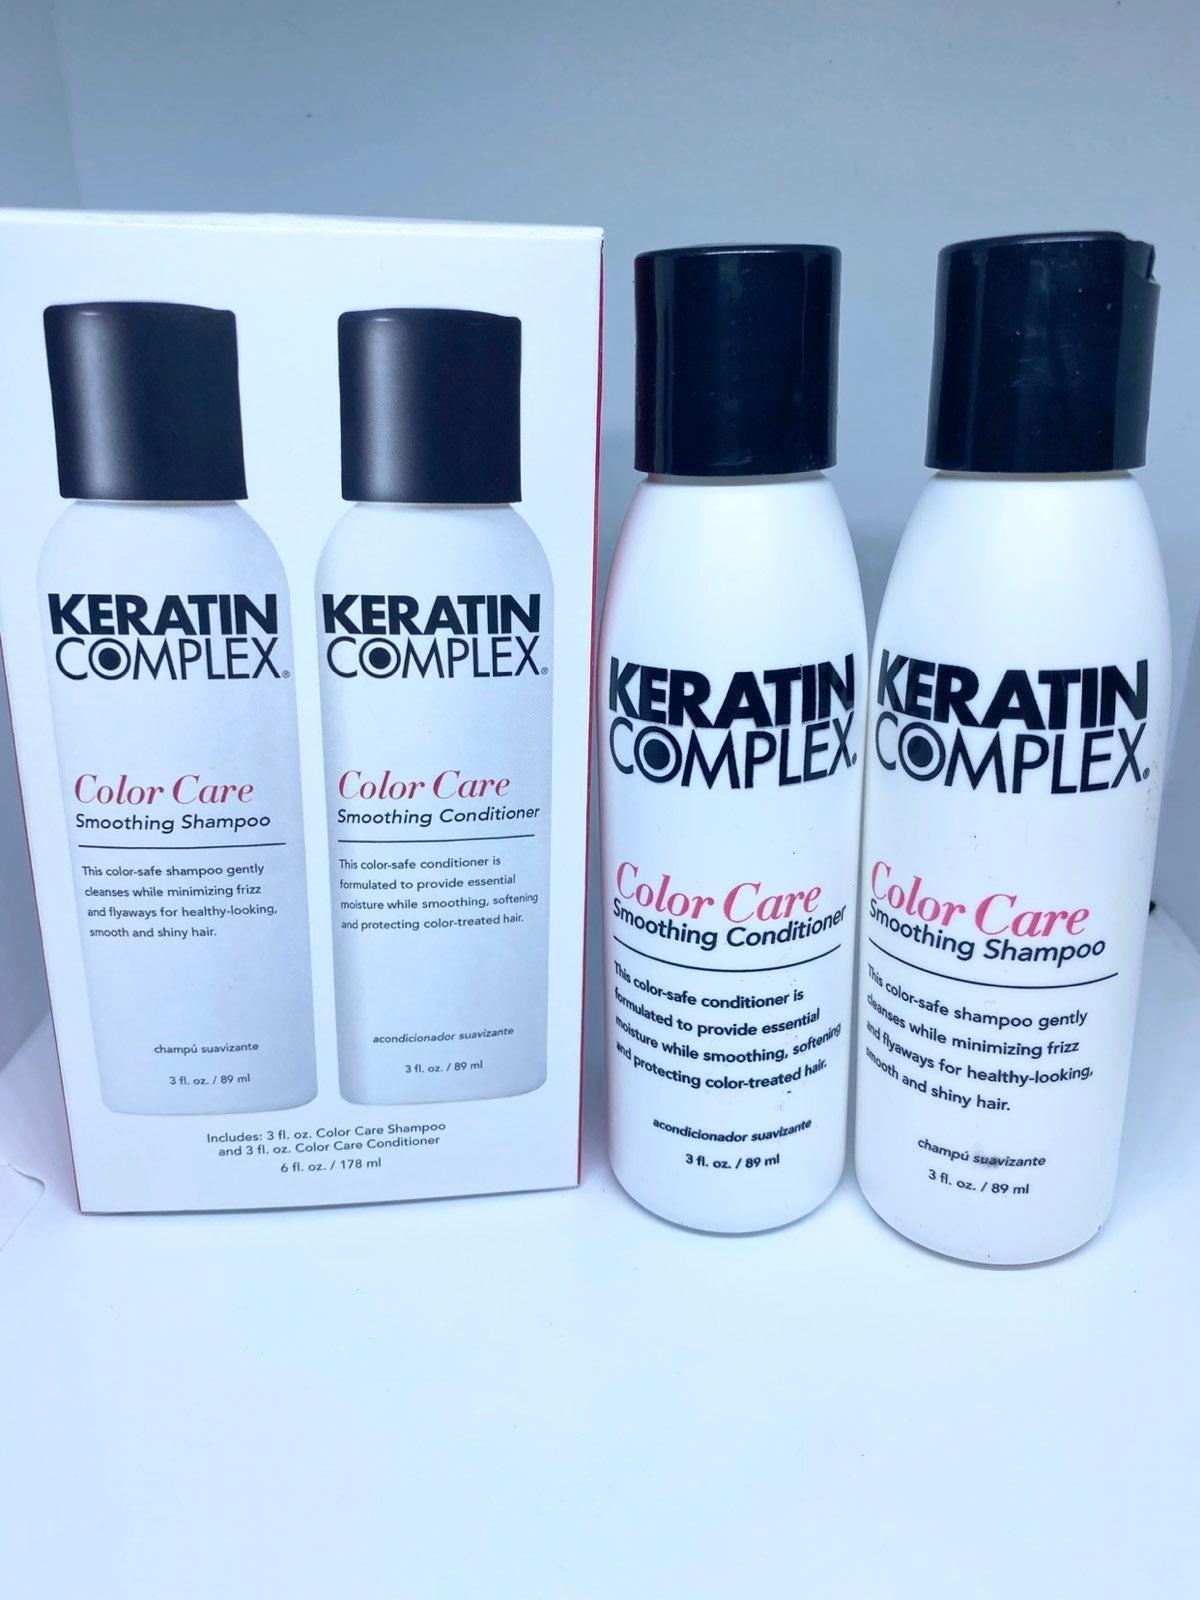 Keratin shampoo and conditioner